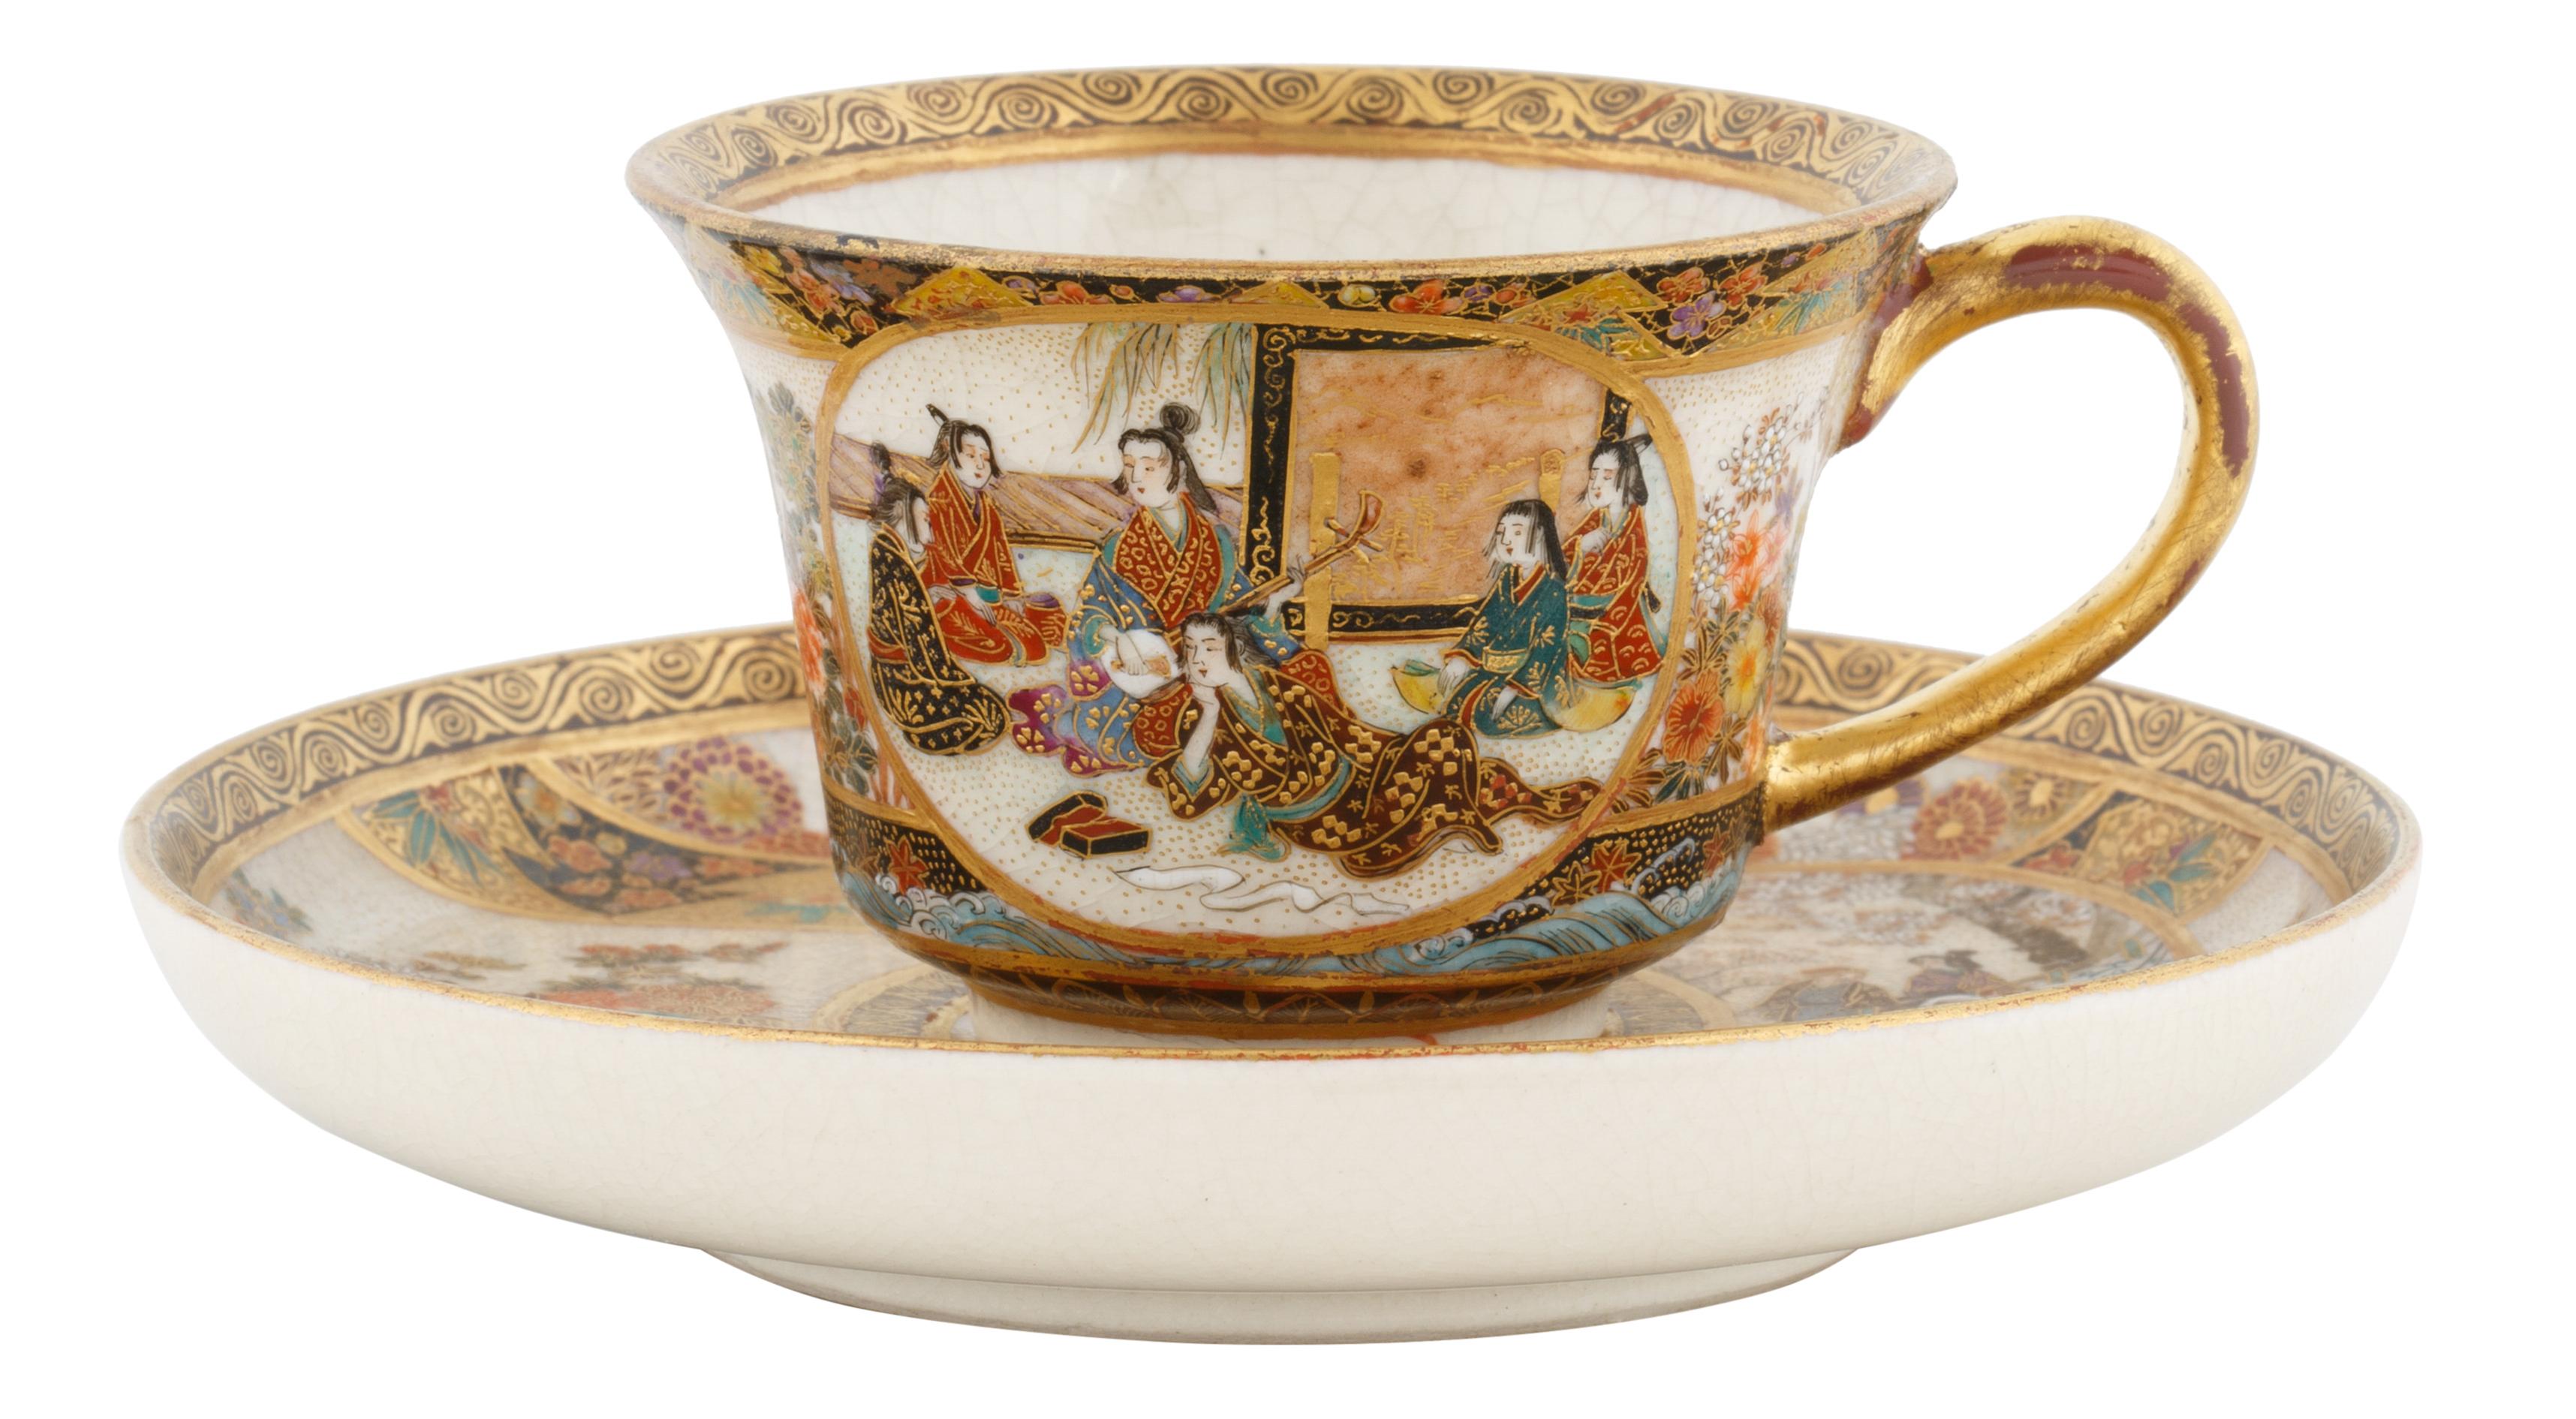 19TH CENTURY SATSUMA PORCELAIN TEA CUP AND SAUCER